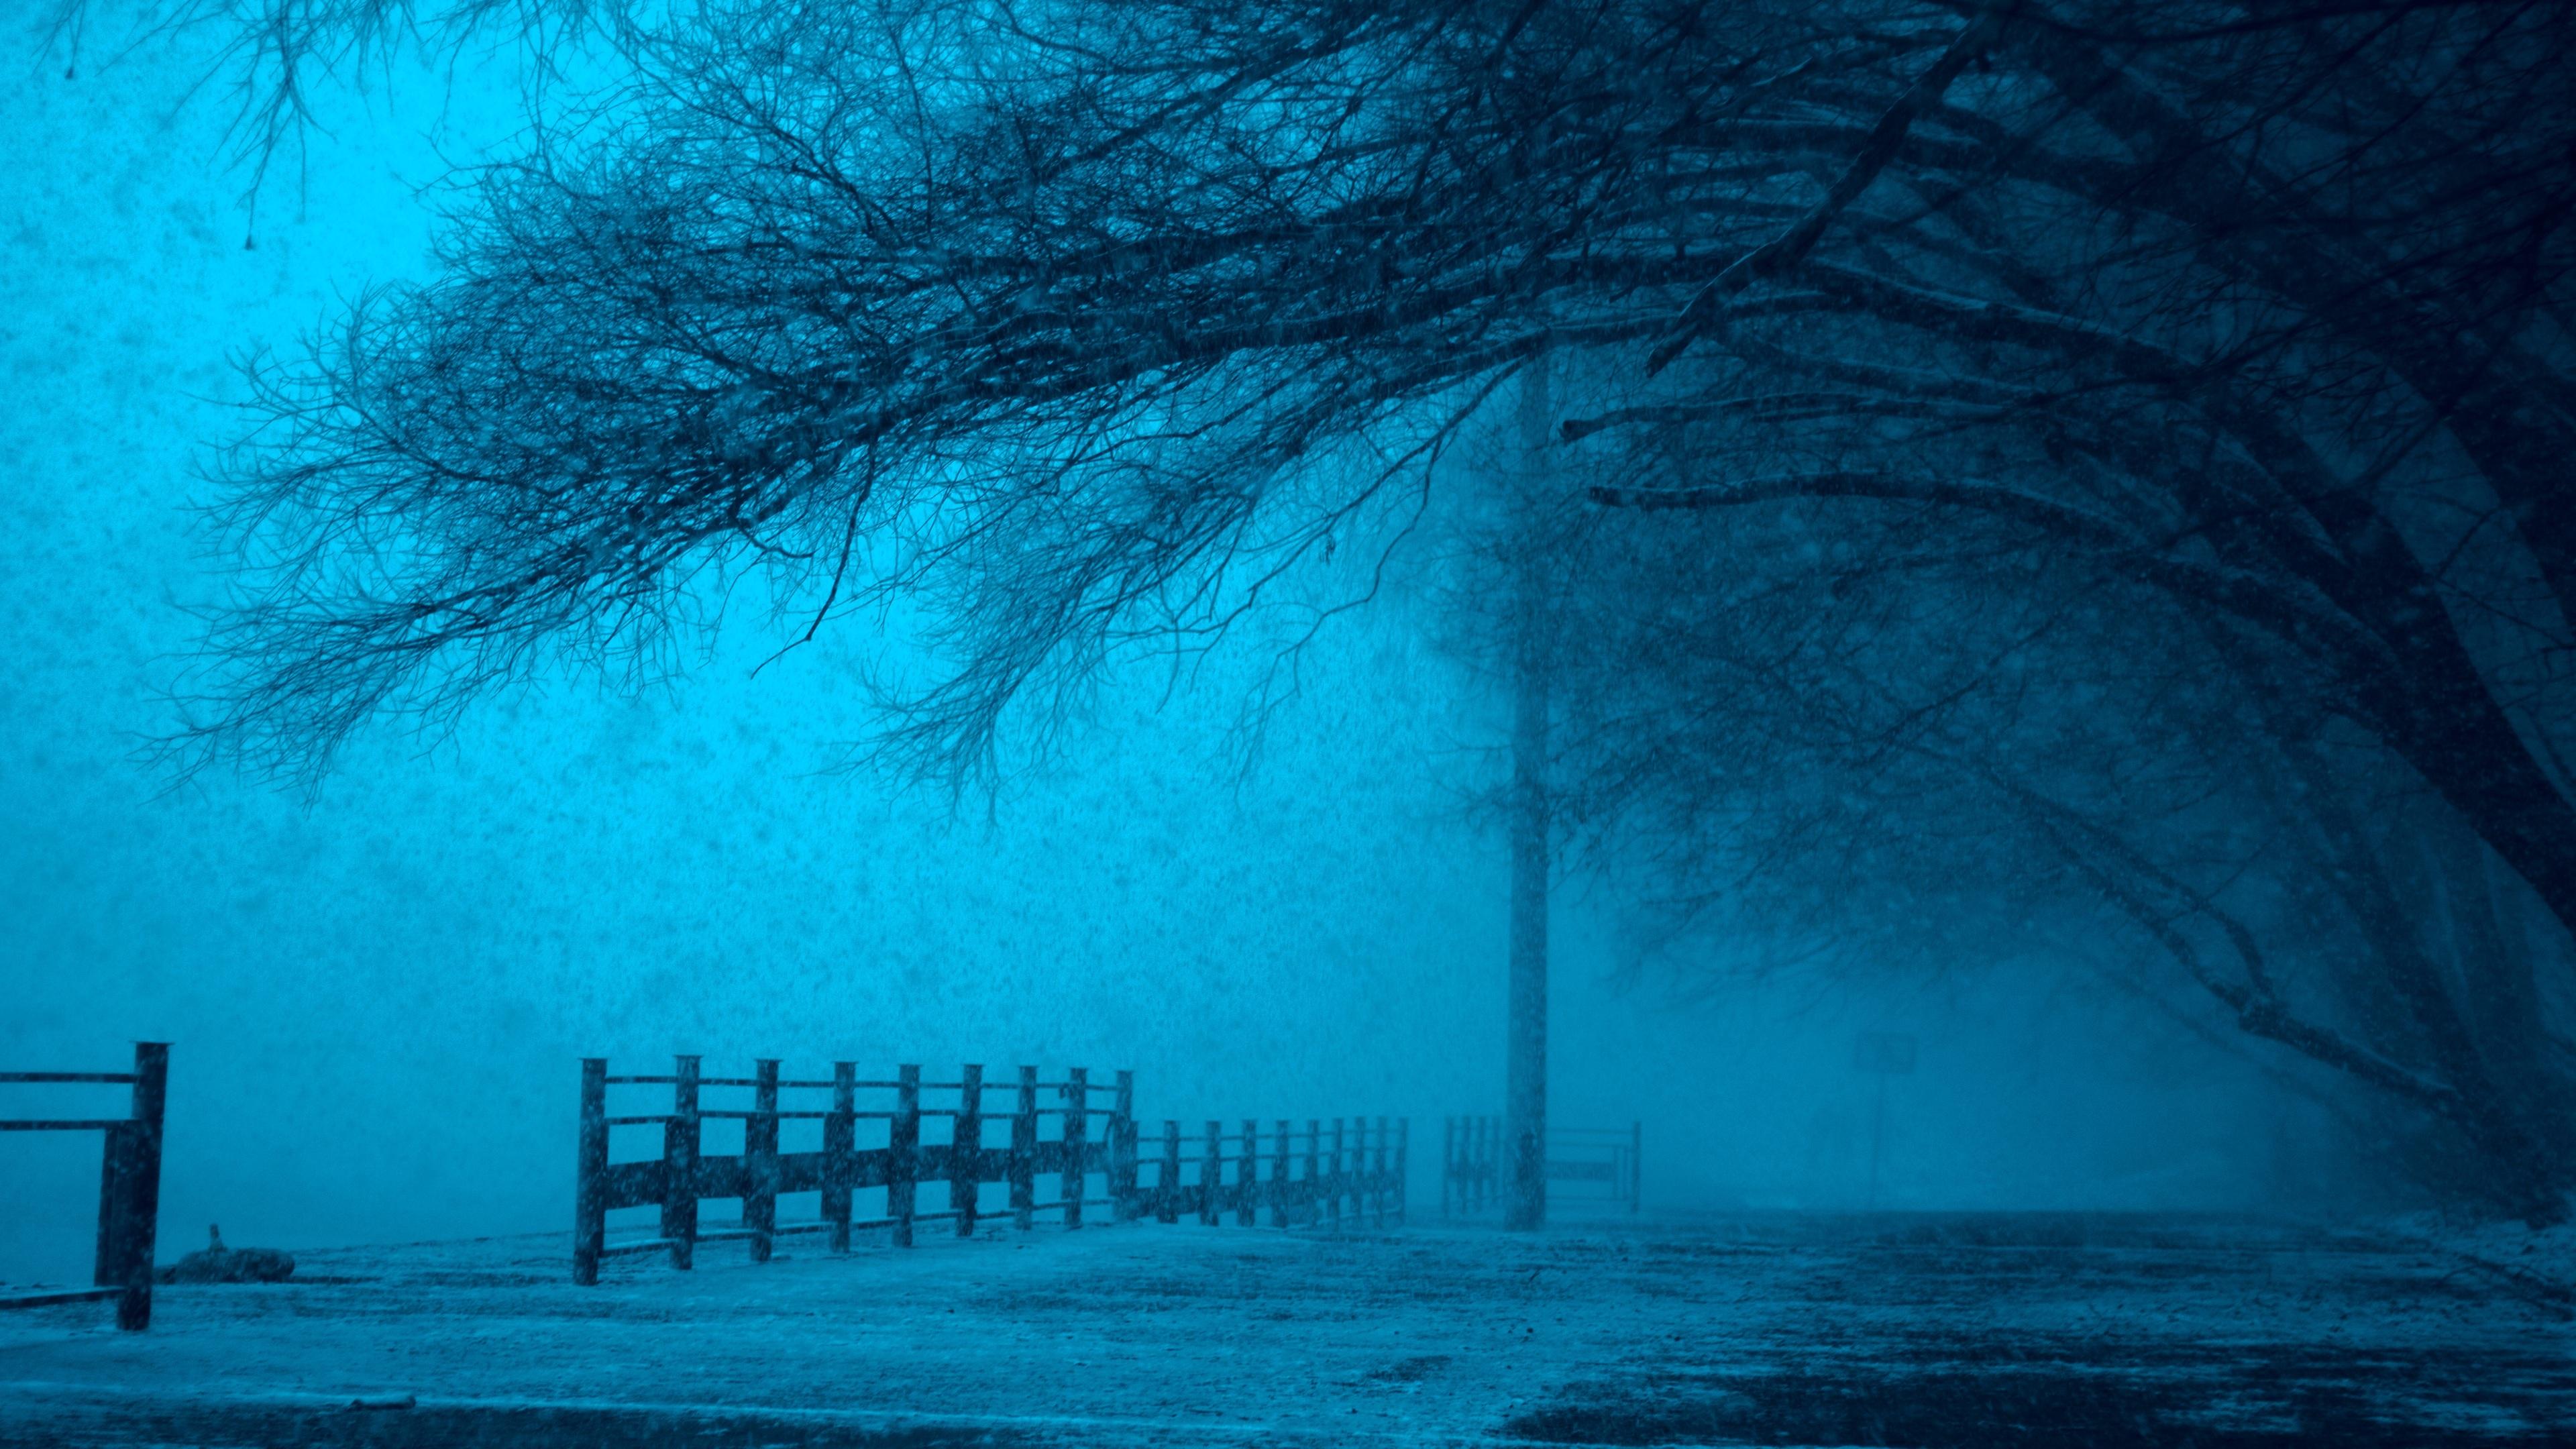 winter storm 4k 1540136450 - Winter Storm 4k - winter wallpapers, tree wallpapers, snow wallpapers, nature wallpapers, landscape wallpapers, hd-wallpapers, 5k wallpapers, 4k-wallpapers